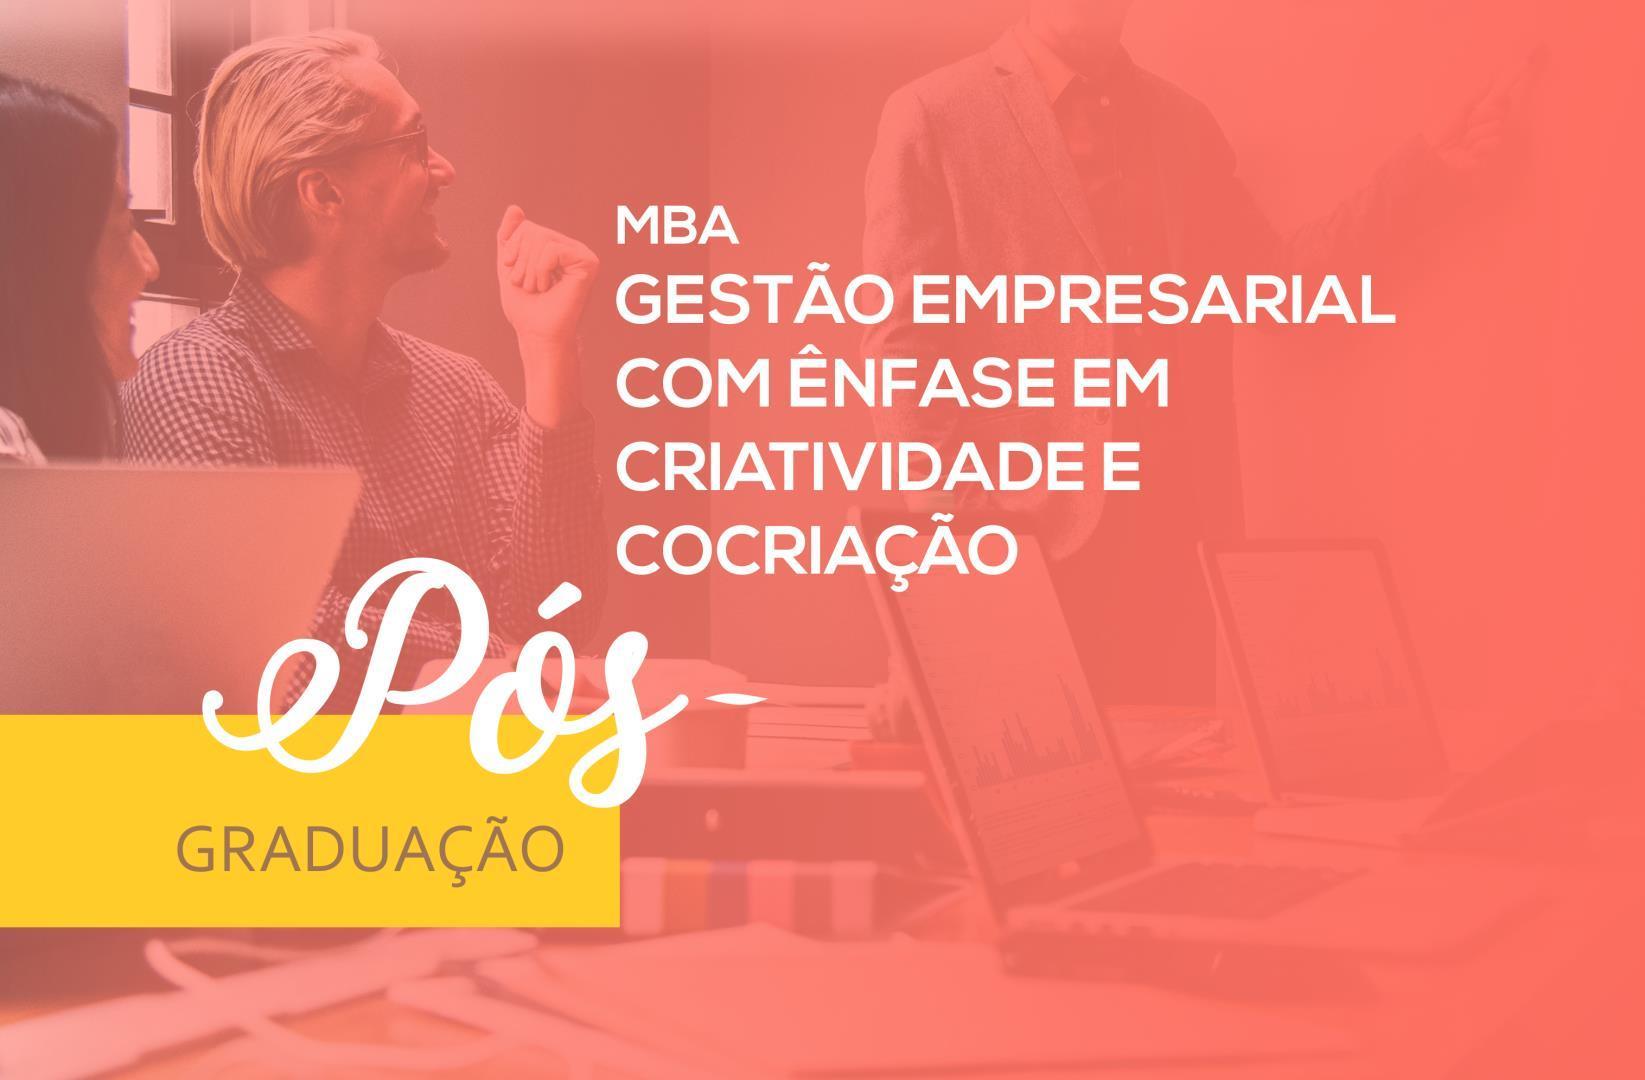 MBA em Gestão Empresarial com ênfase em Criatividade e Cocriação